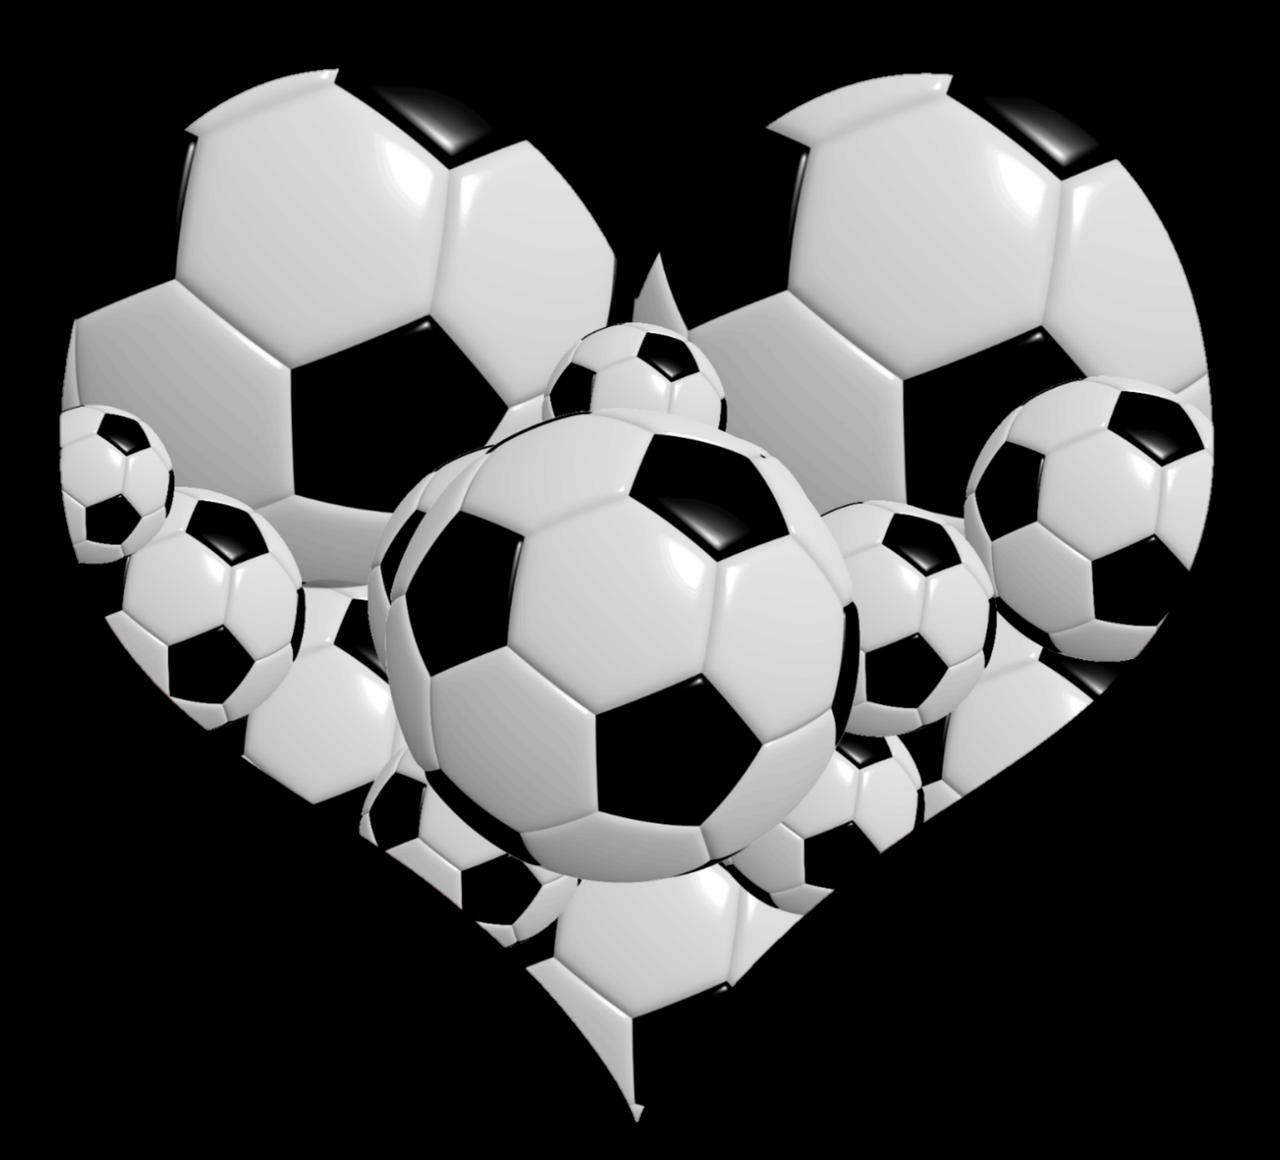 Футбольный мяч картинка черно-белая, открытки музыкальные открытка